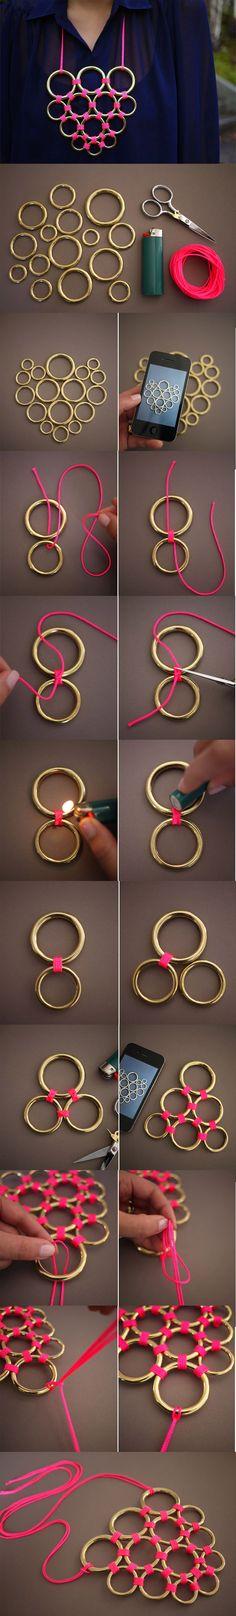 5 DIY – Necklace Ideas